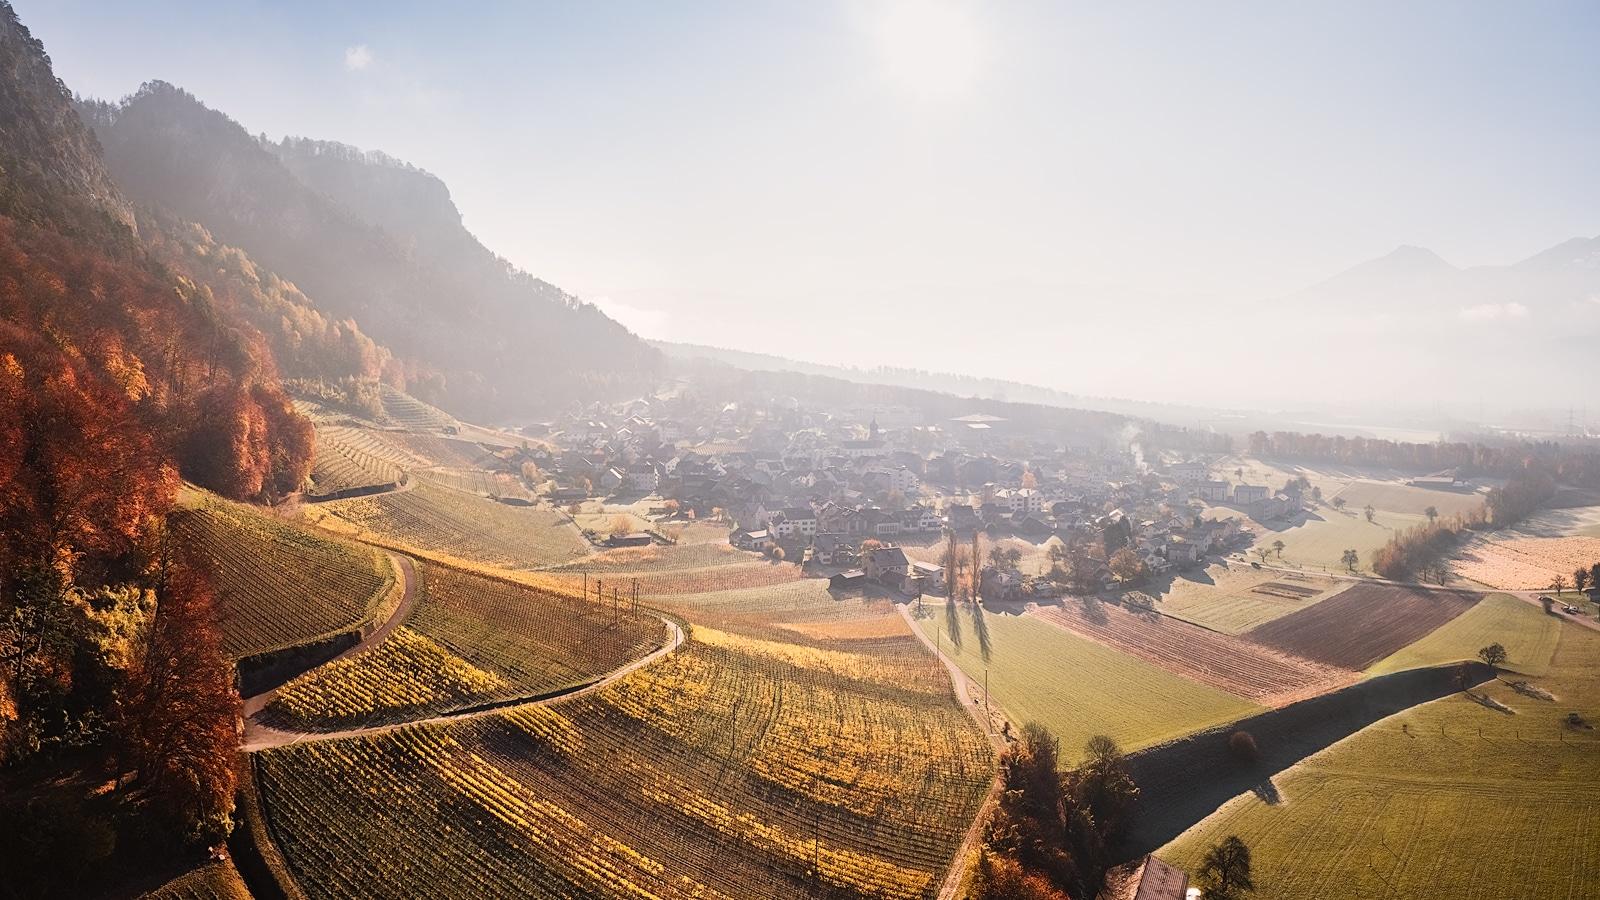 Herbstliche Luftaufnahme der Rebbergen von Fläsch / Graubünden. Blück auf die Reben, Fläscherberg und Vormittagssonne.